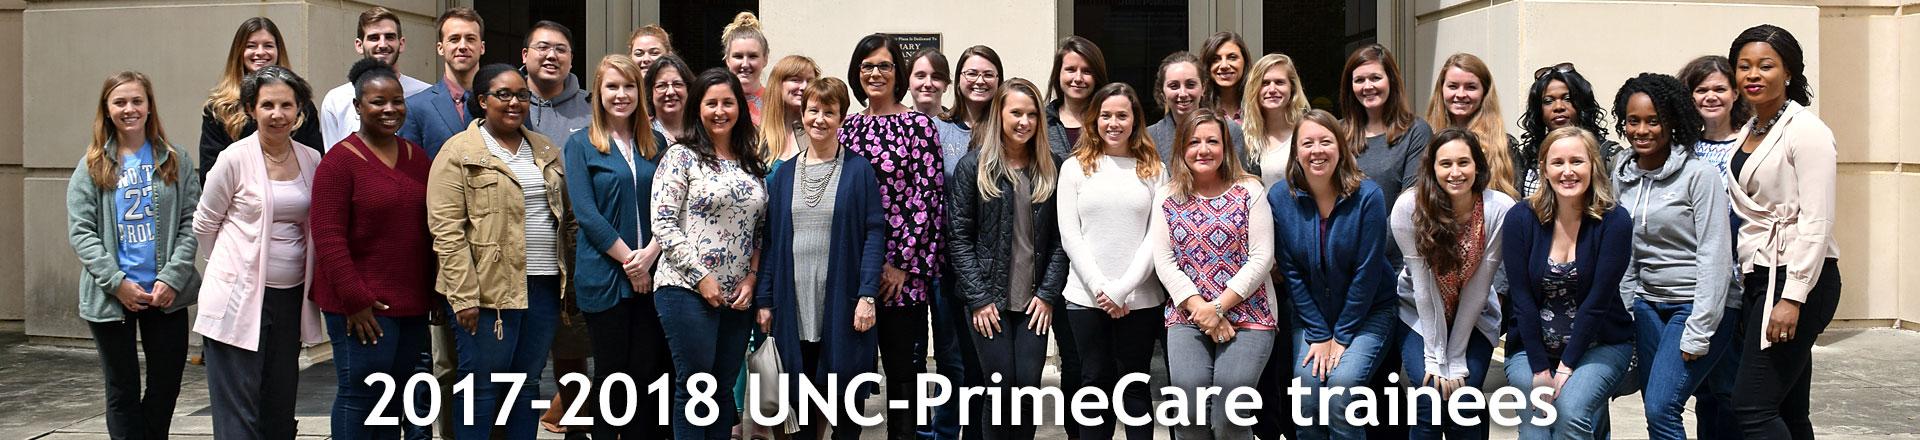 2017-2018 UNC-PrimeCare trainees